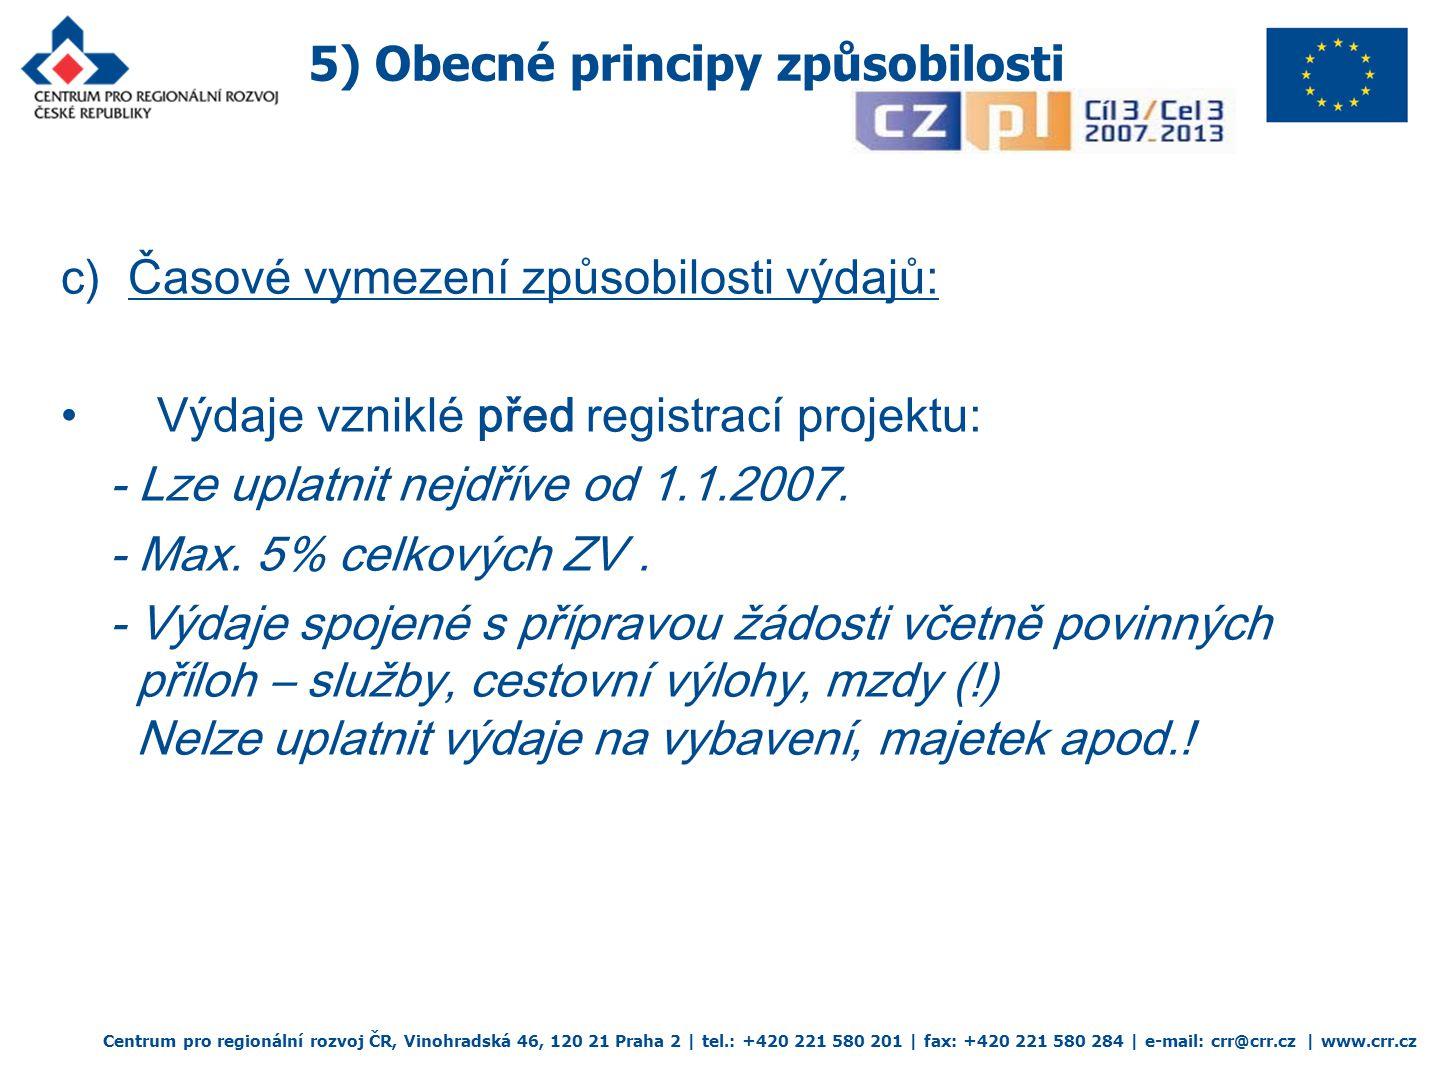 5) Obecné principy způsobilosti Centrum pro regionální rozvoj ČR, Vinohradská 46, 120 21 Praha 2 | tel.: +420 221 580 201 | fax: +420 221 580 284 | e-mail: crr@crr.cz | www.crr.cz c) Časové vymezení způsobilosti výdajů: Výdaje vzniklé před registrací projektu: - Lze uplatnit nejdříve od 1.1.2007.